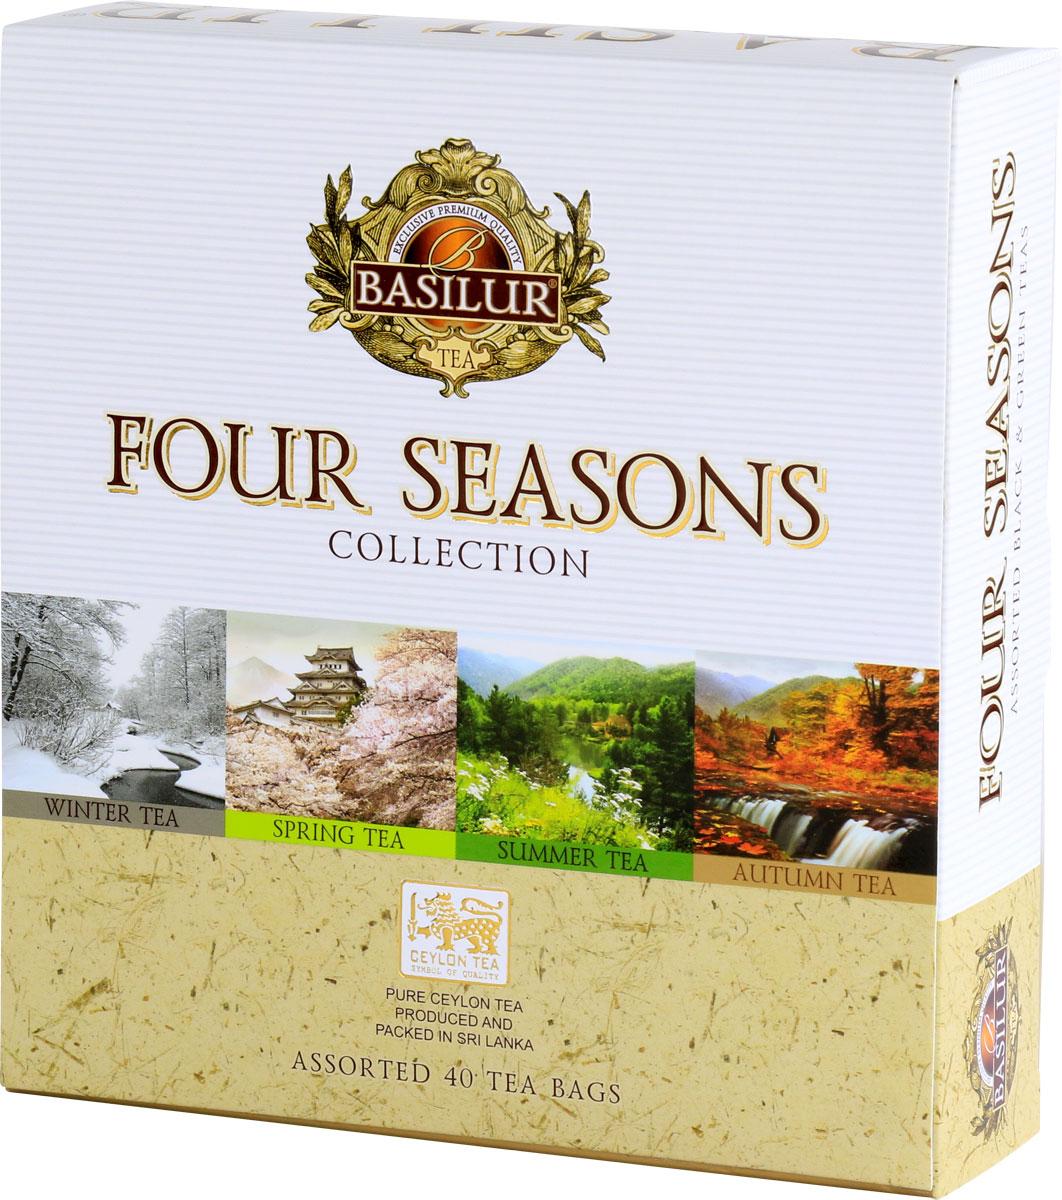 Basilur Assorted Four Seasons черный и зеленый чай в пакетиках, 40 шт c pe153 yunnan run pin 7262 семь сыну пуэр спелый чай здравоохранение чай puerh китайский чай pu er 357g зеленая пища